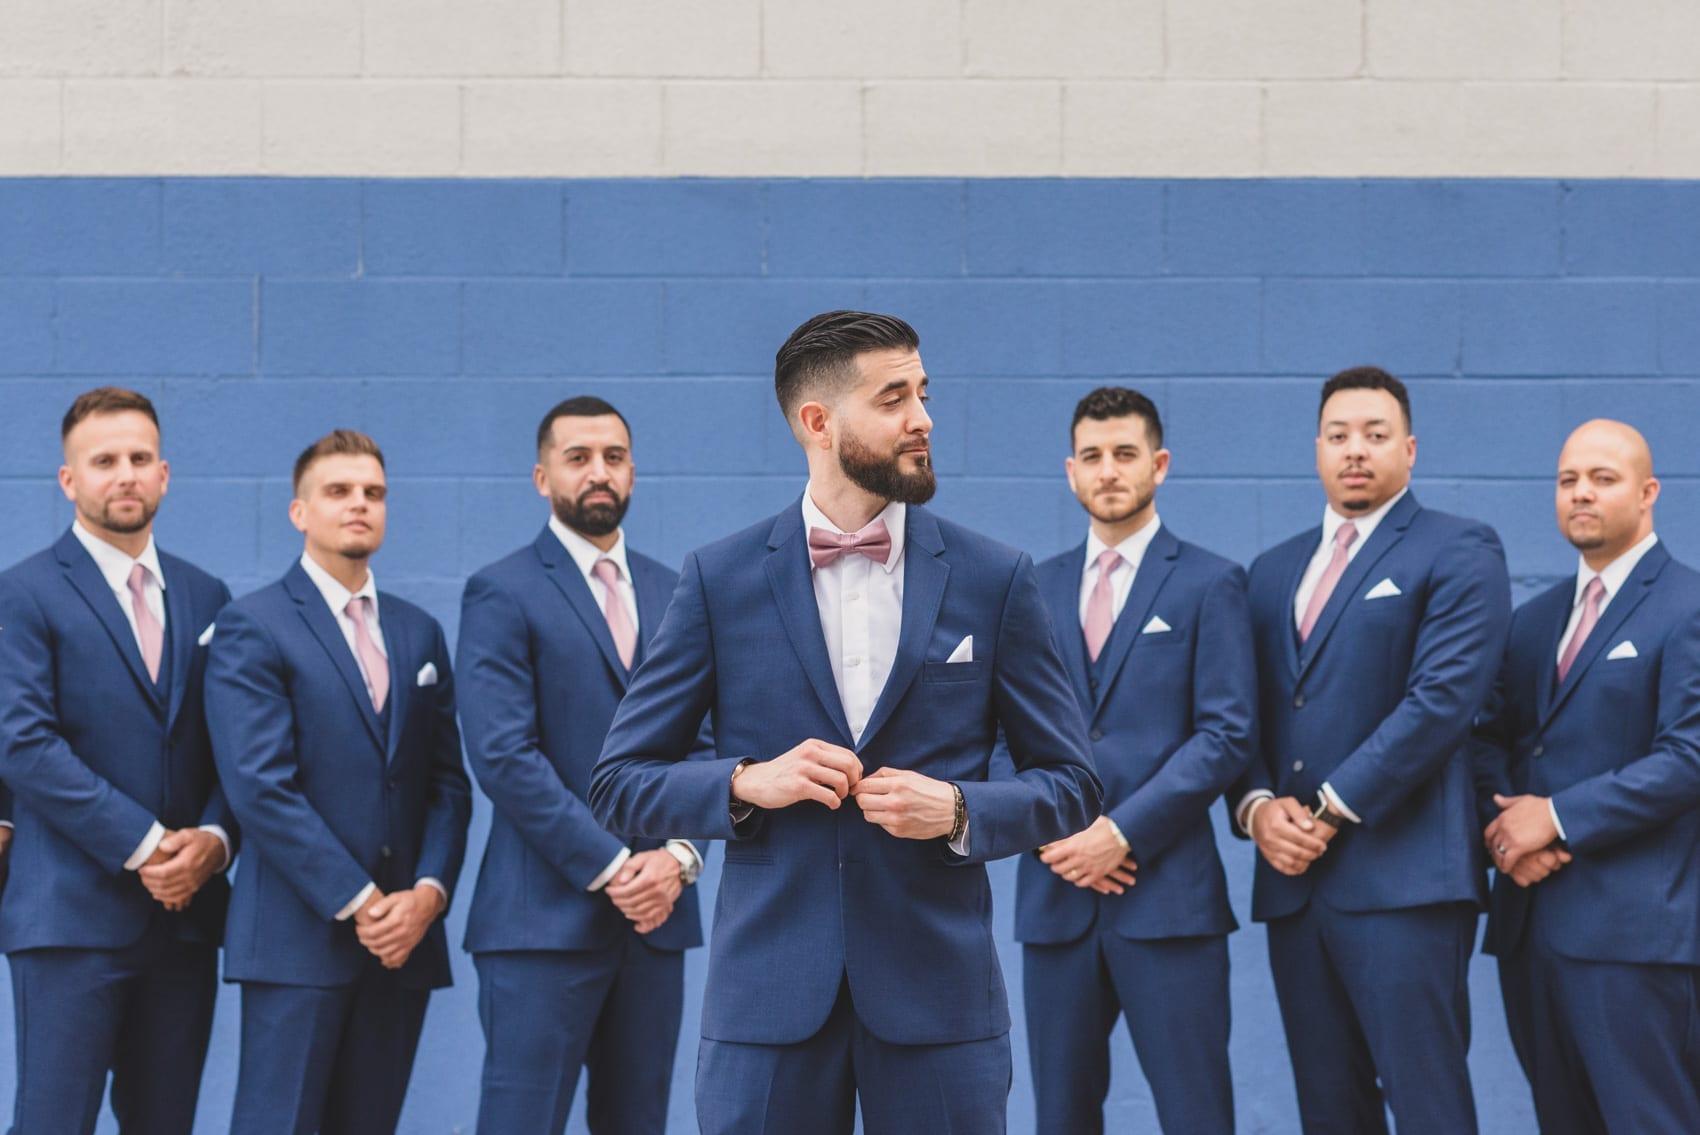 Thara Photo Chicago Engagement Wedding Photographer Fulton Market Room 1520